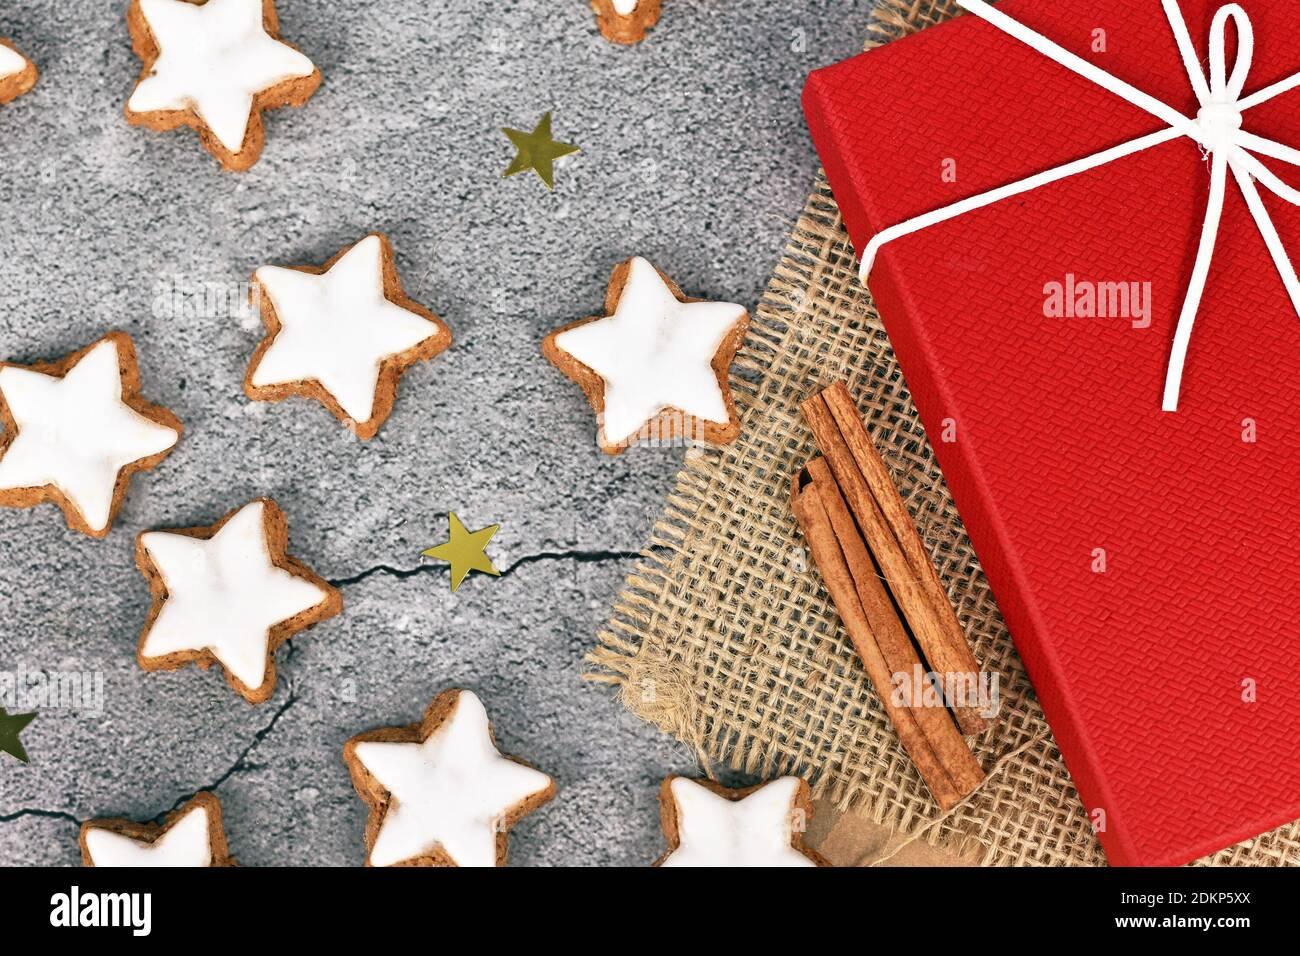 Galletas de Navidad esmaltadas en forma de estrella alemana llamadas 'Zimtsterne' hechas con amondes, claras de huevo, azúcar, canela y harina Foto de stock